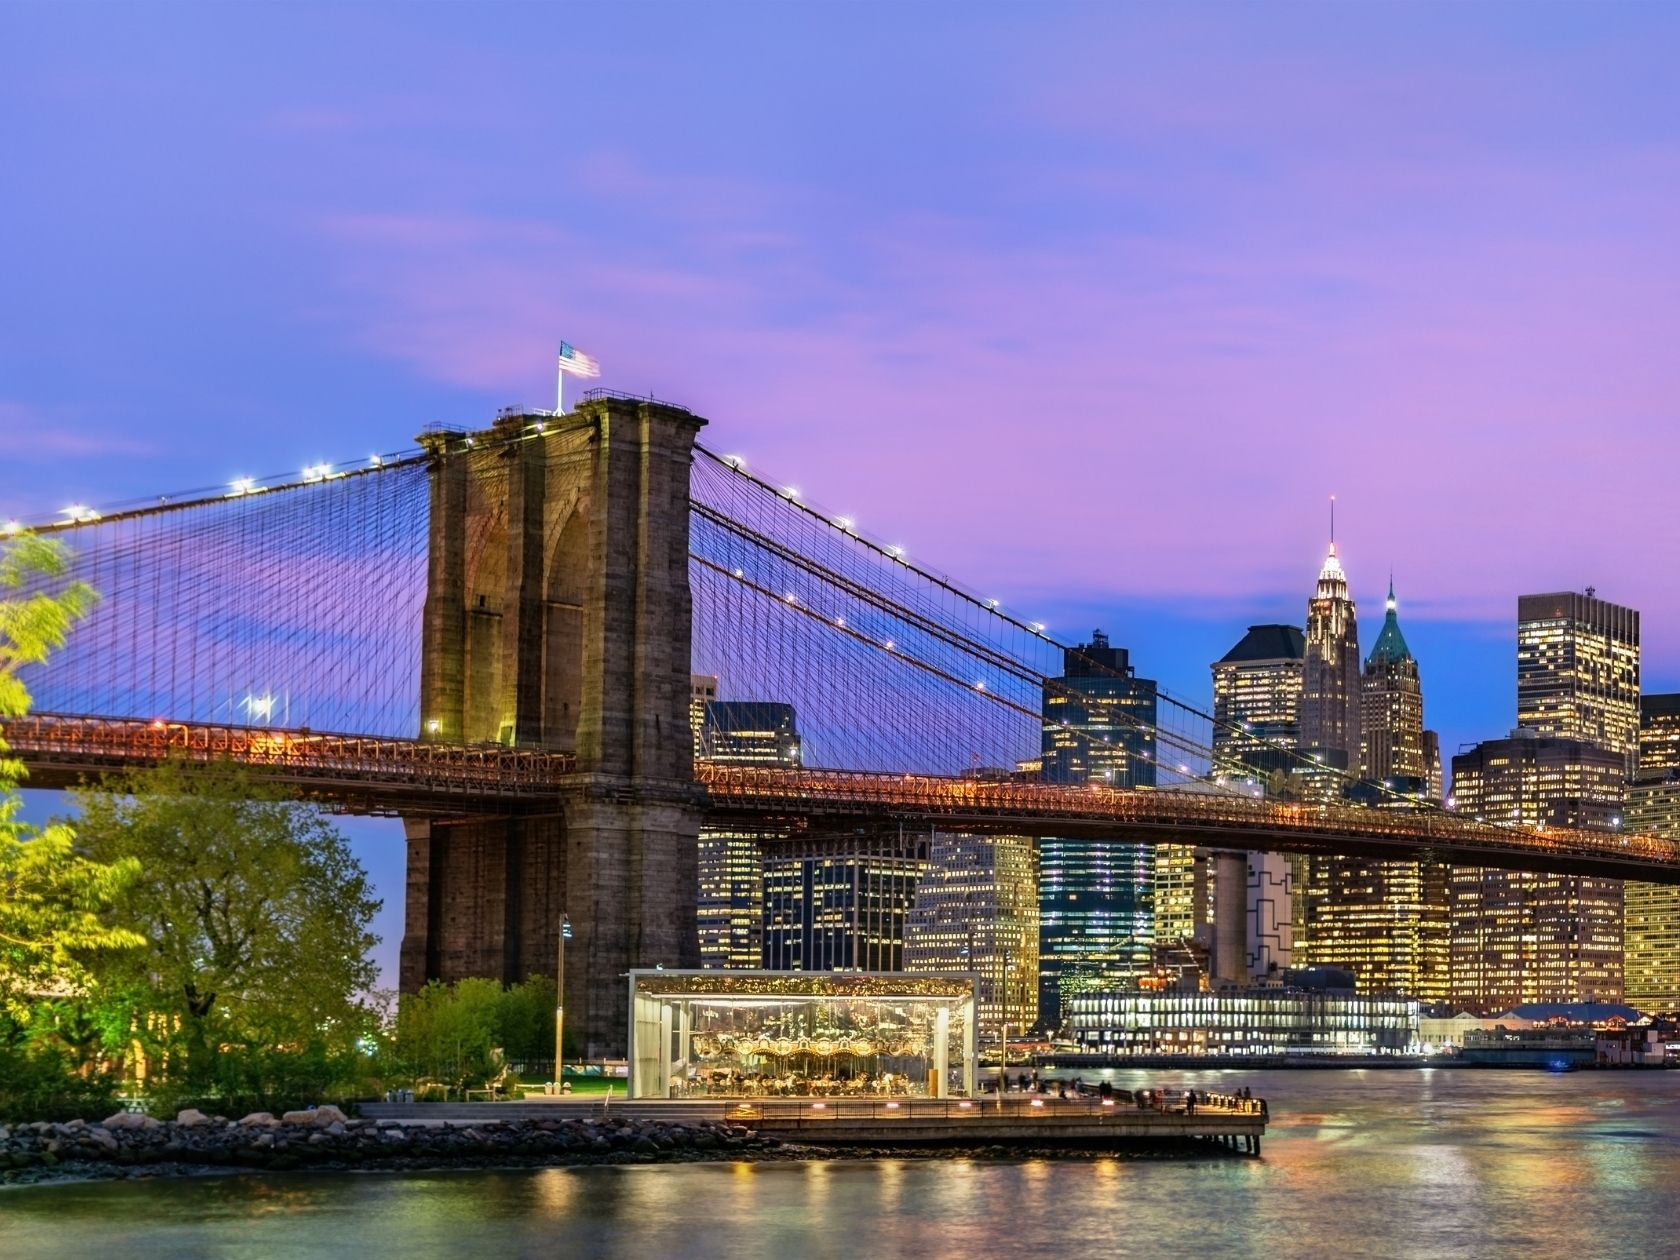 ブルックリンの写真